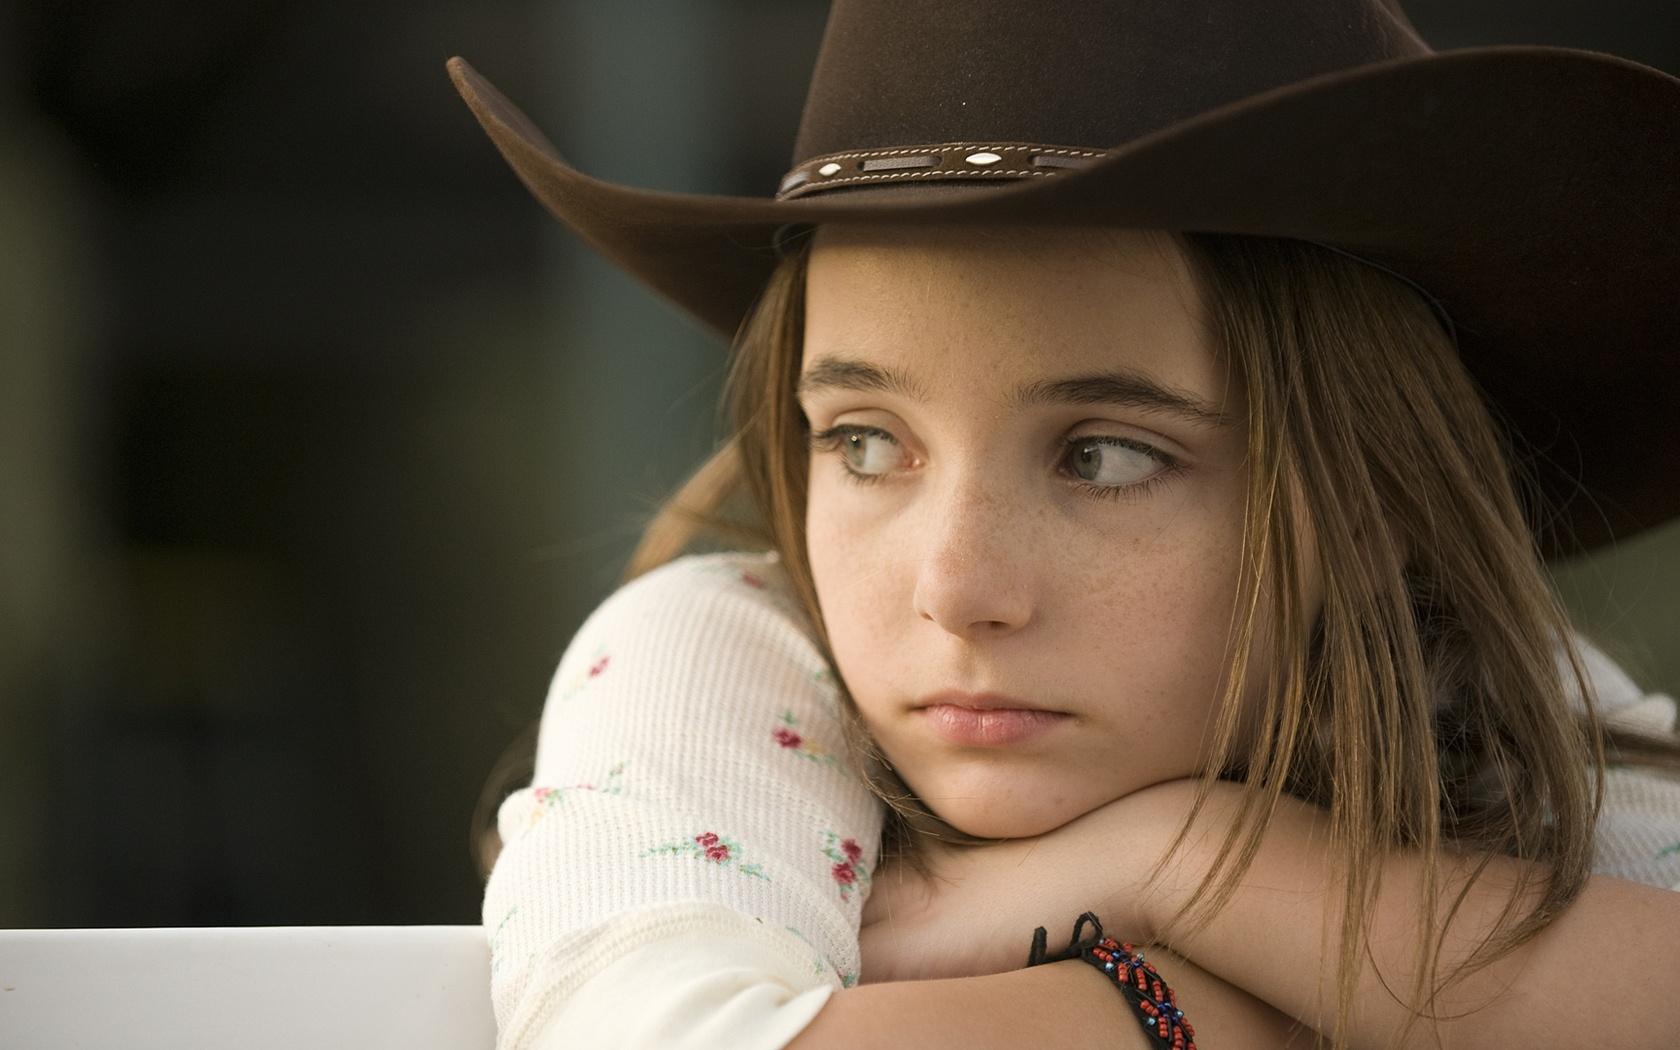 Triste petite fille Fonds d'écran - 1680x1050